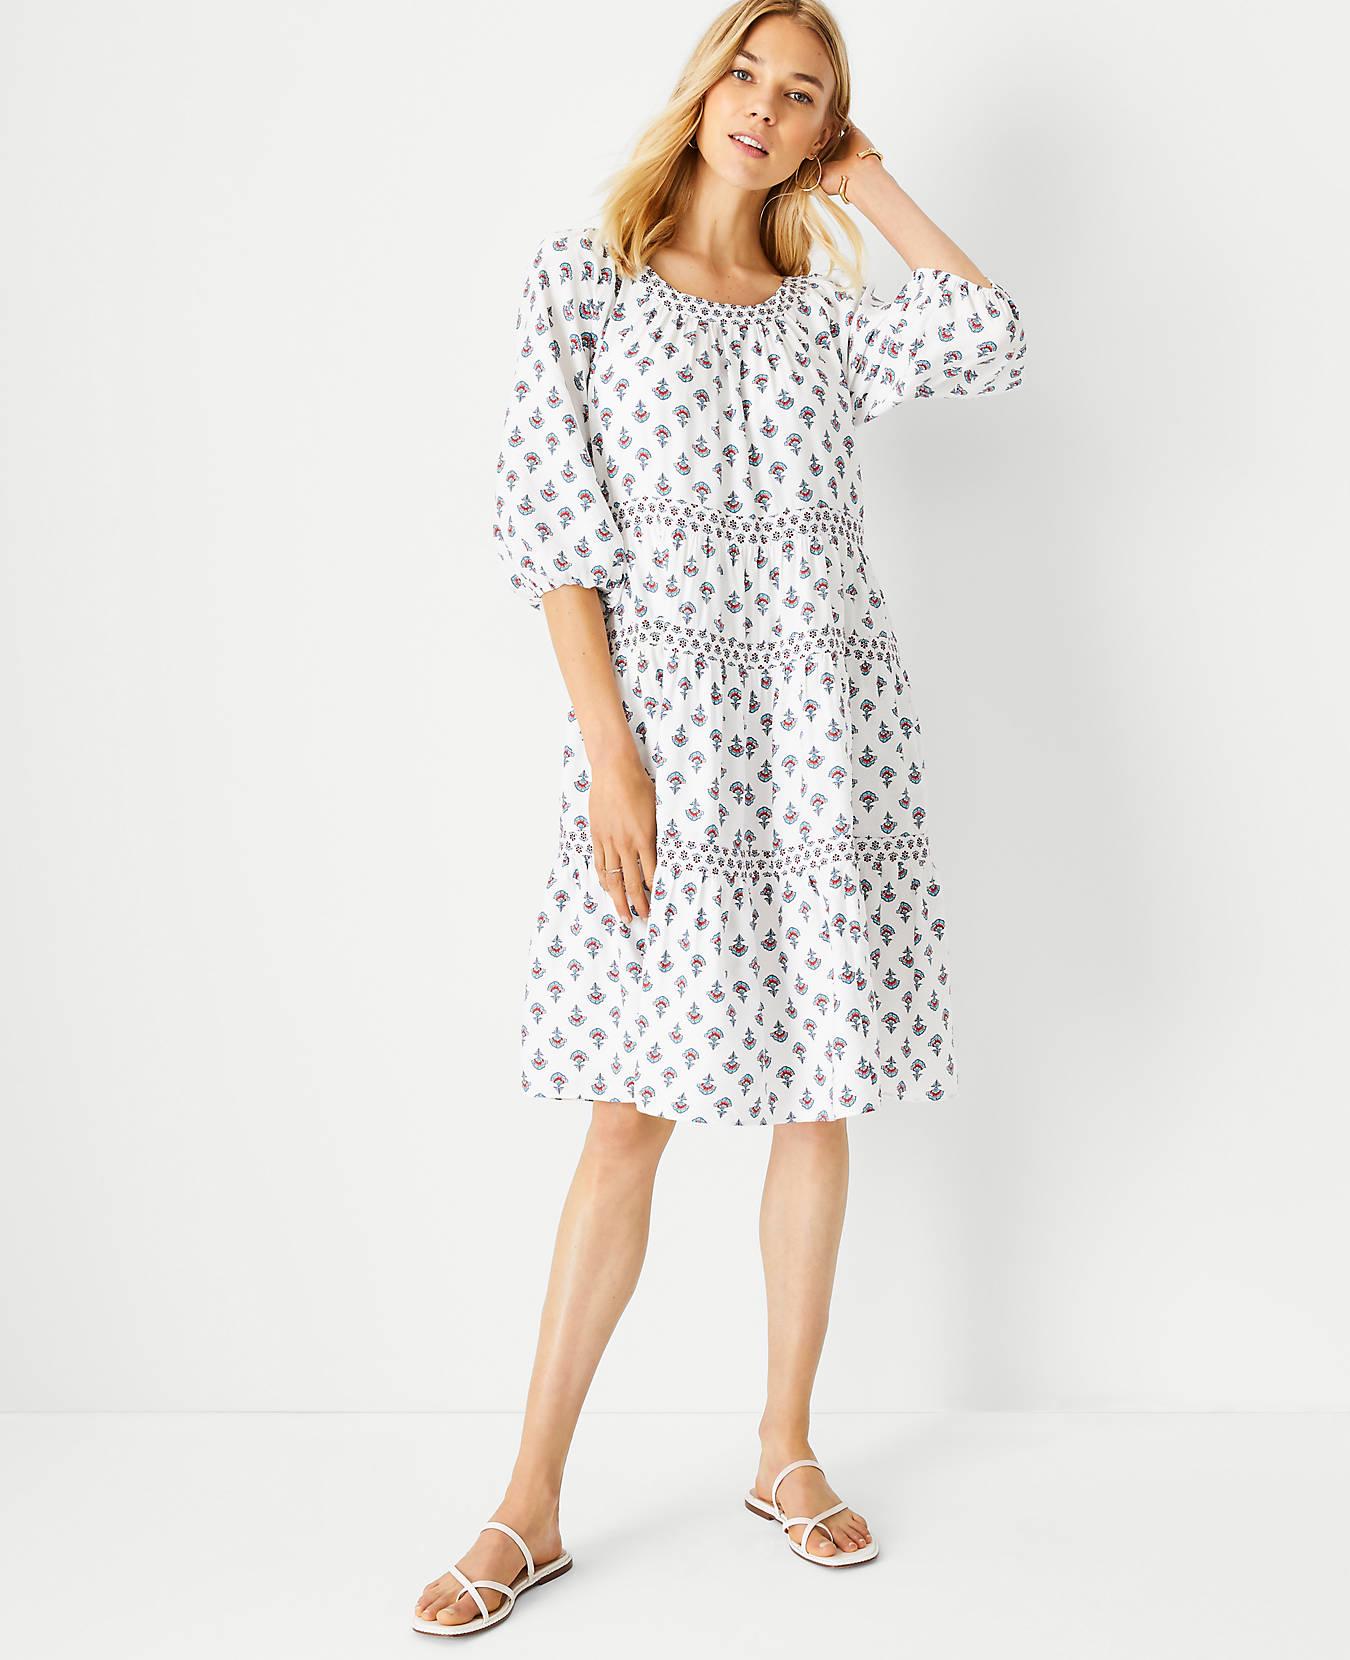 Floral Shift Dress | Recent Finds 7/2